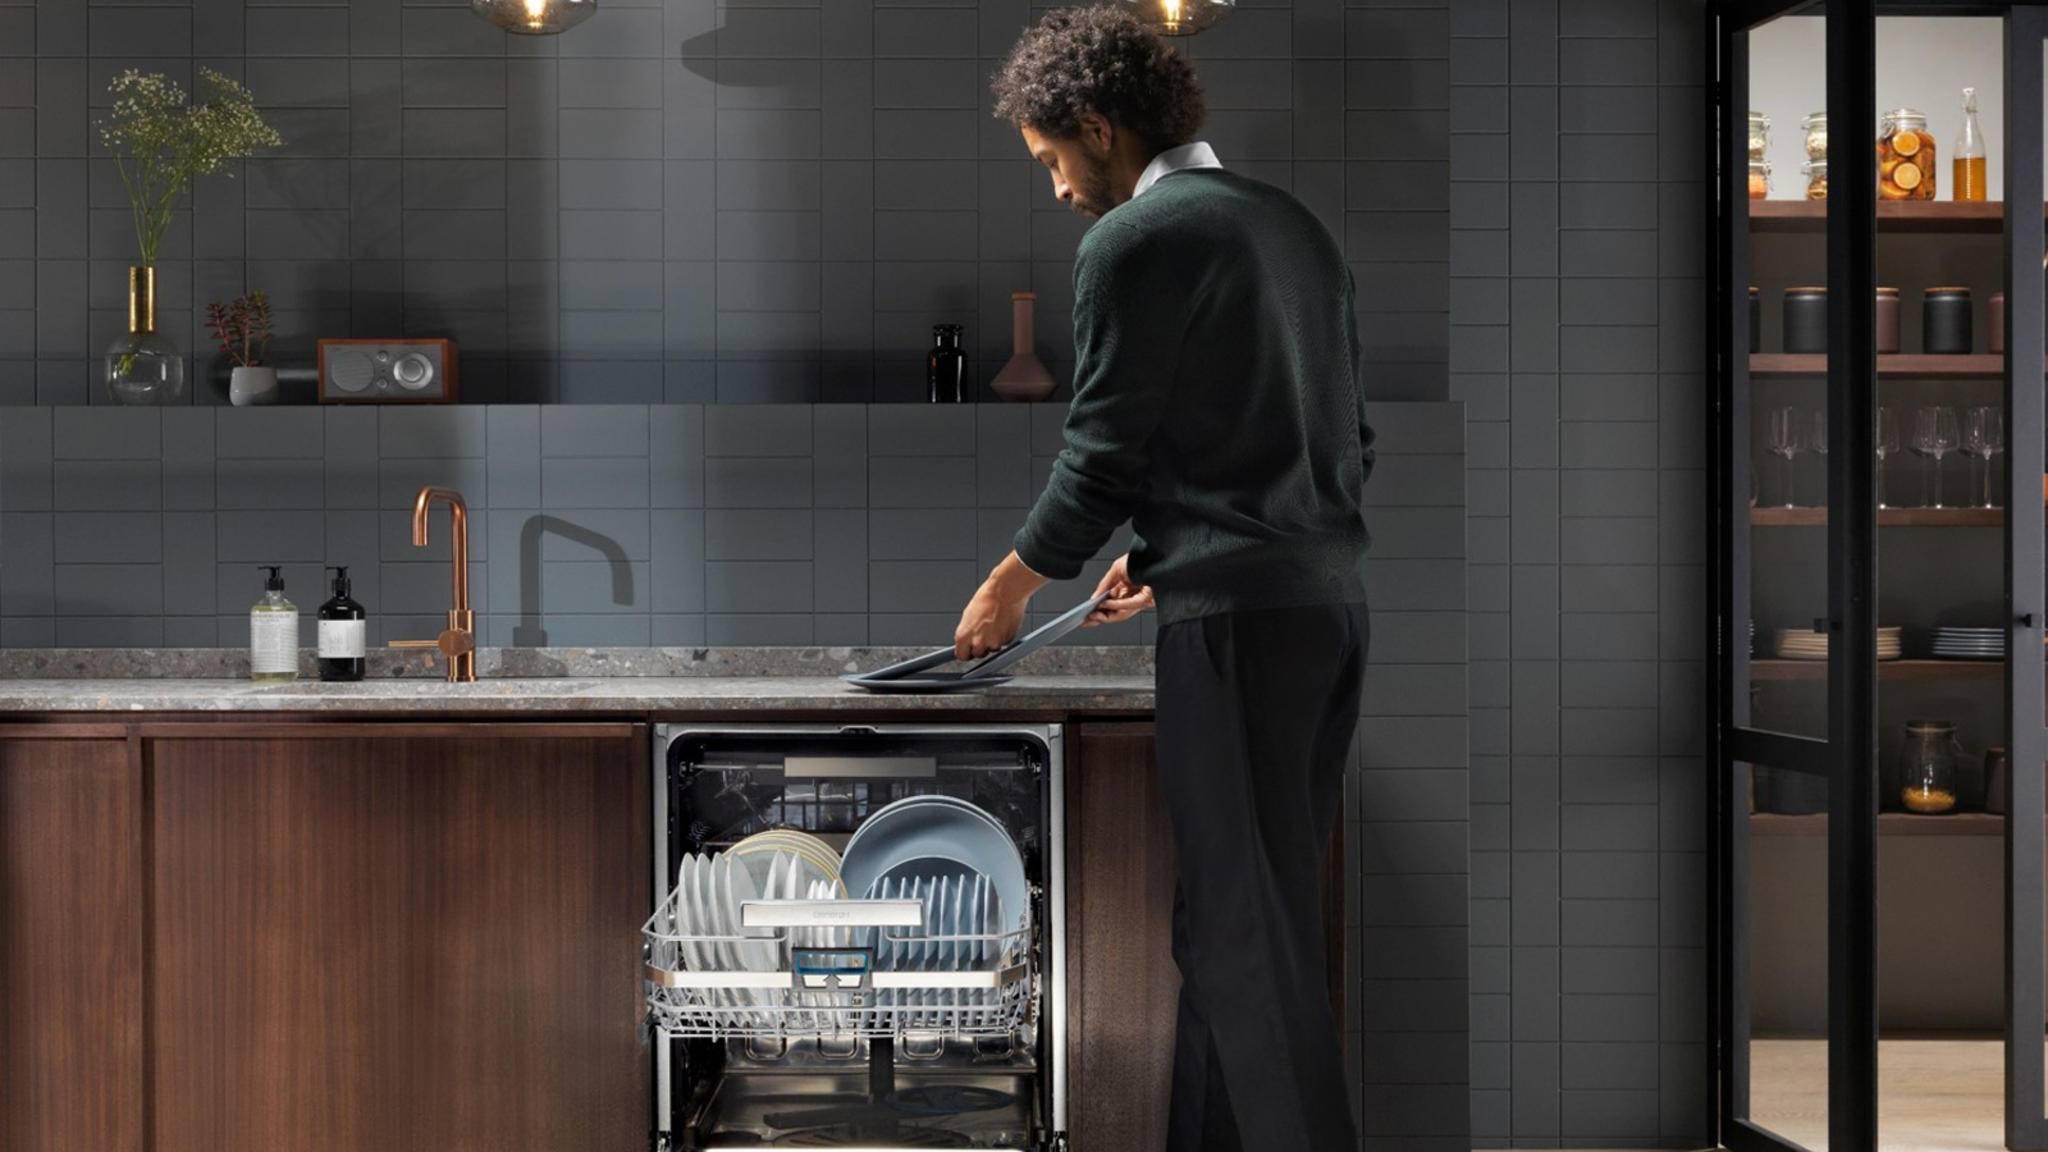 Electrolux bringt gleich mehrere smarte Küchengeräte neu auf den europäischen Markt.